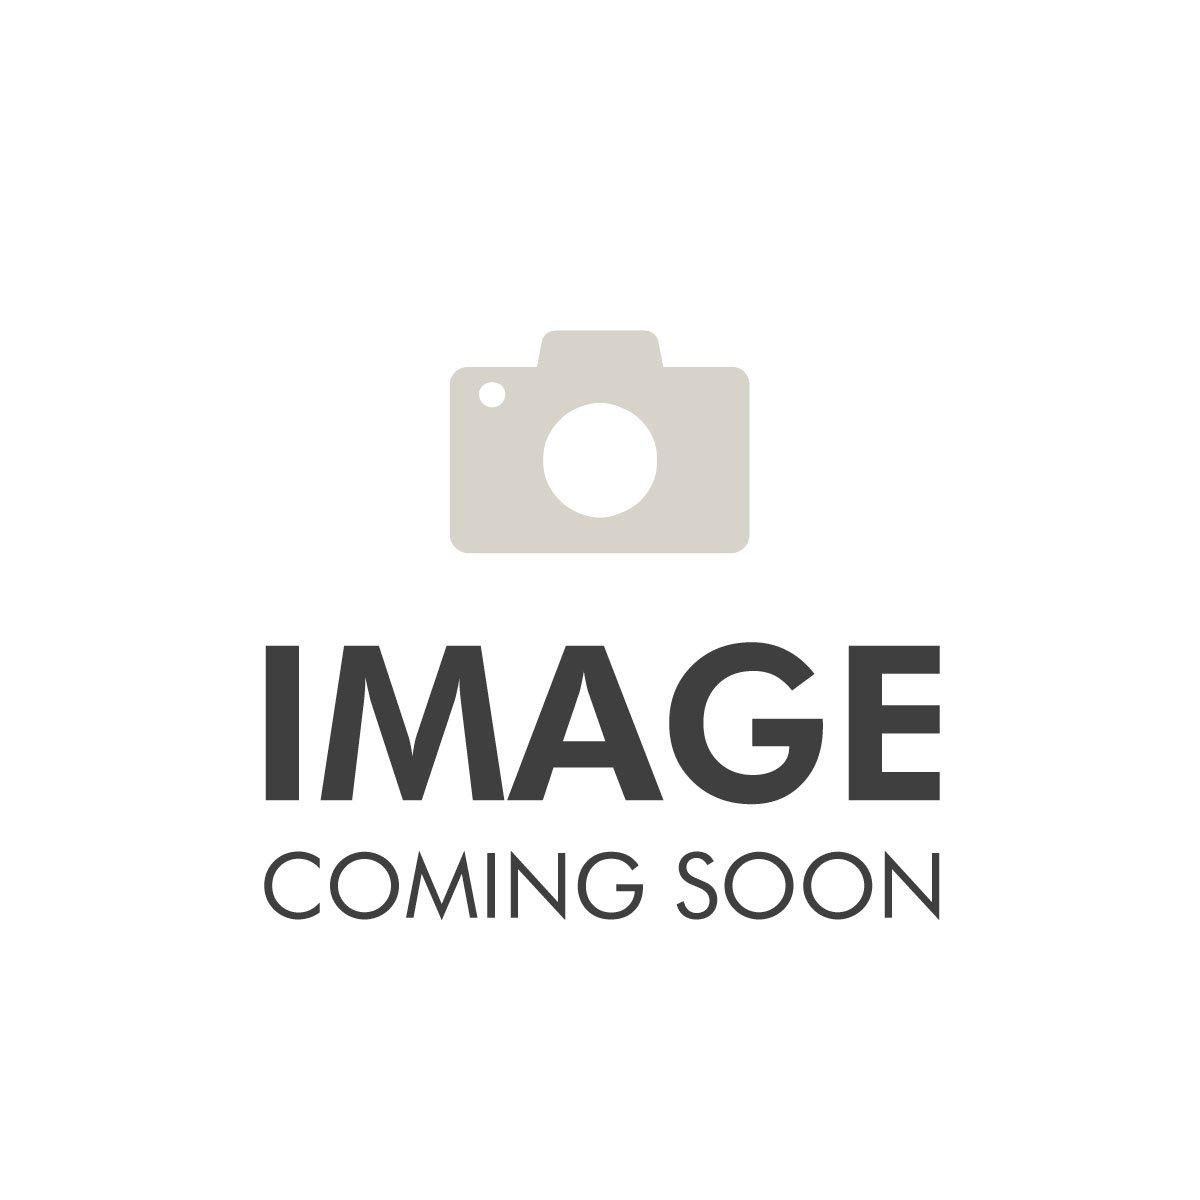 Paul Smith Rose 50ml EDP Spray